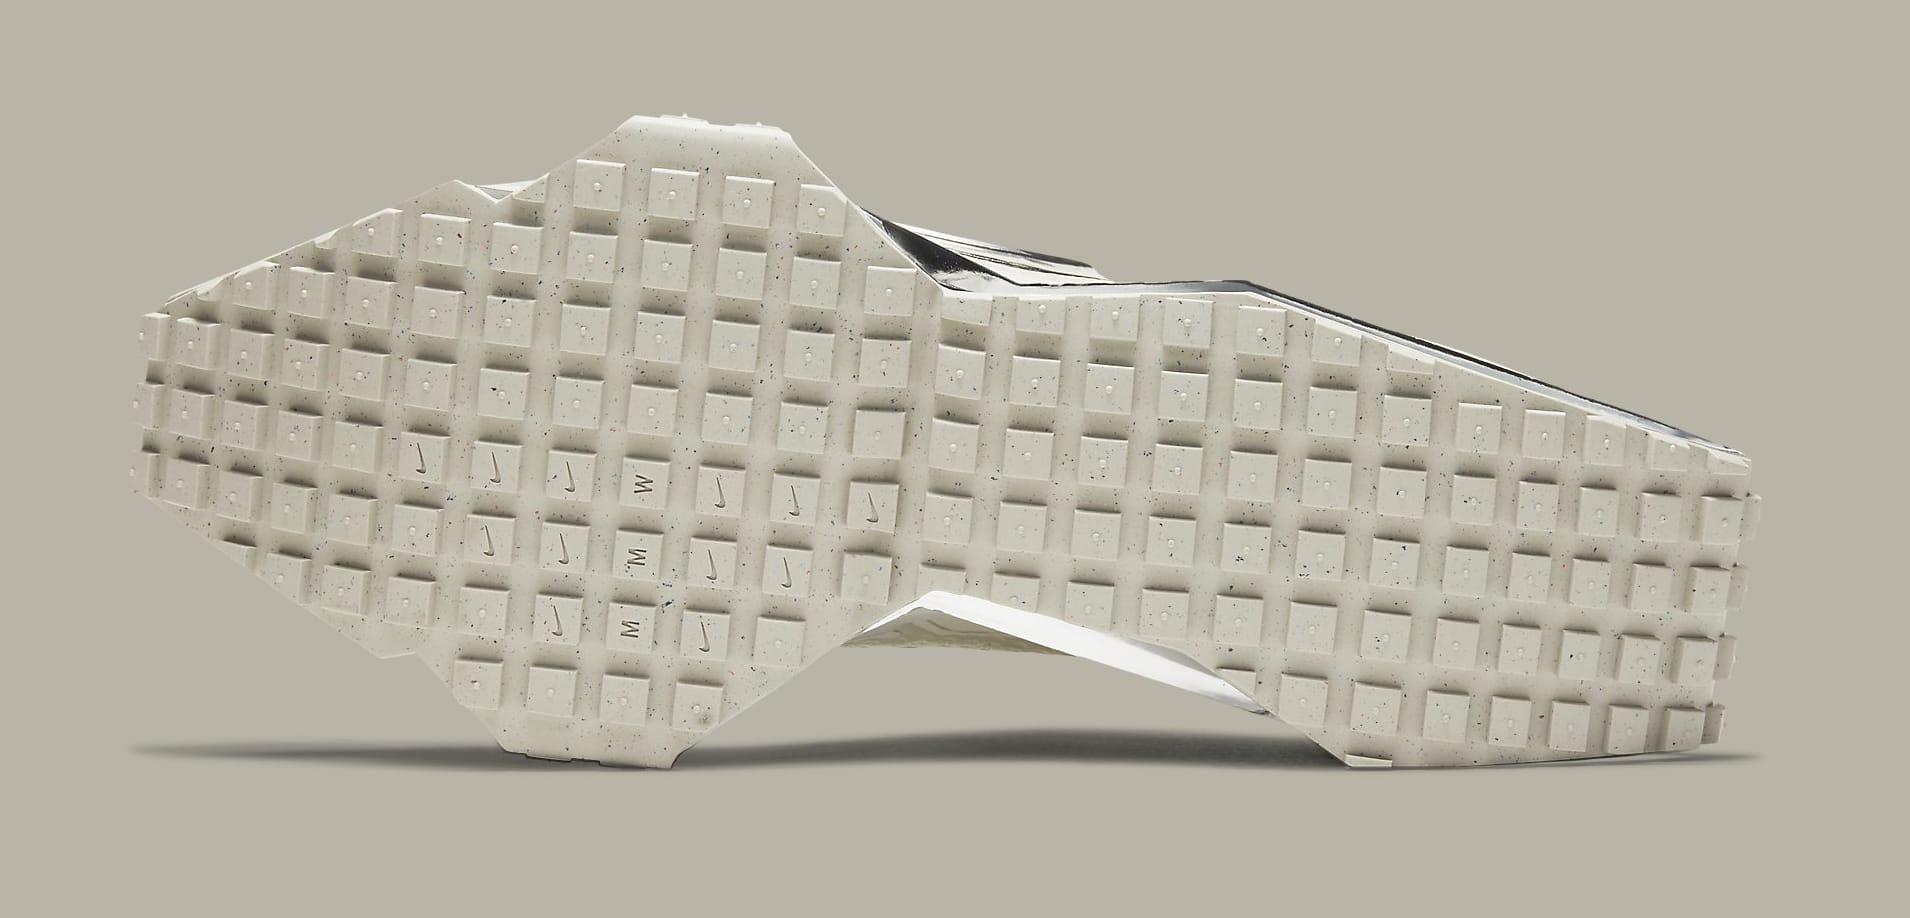 MMW x Nike Zoom 004 'Stone' CU0676-200 Outsole